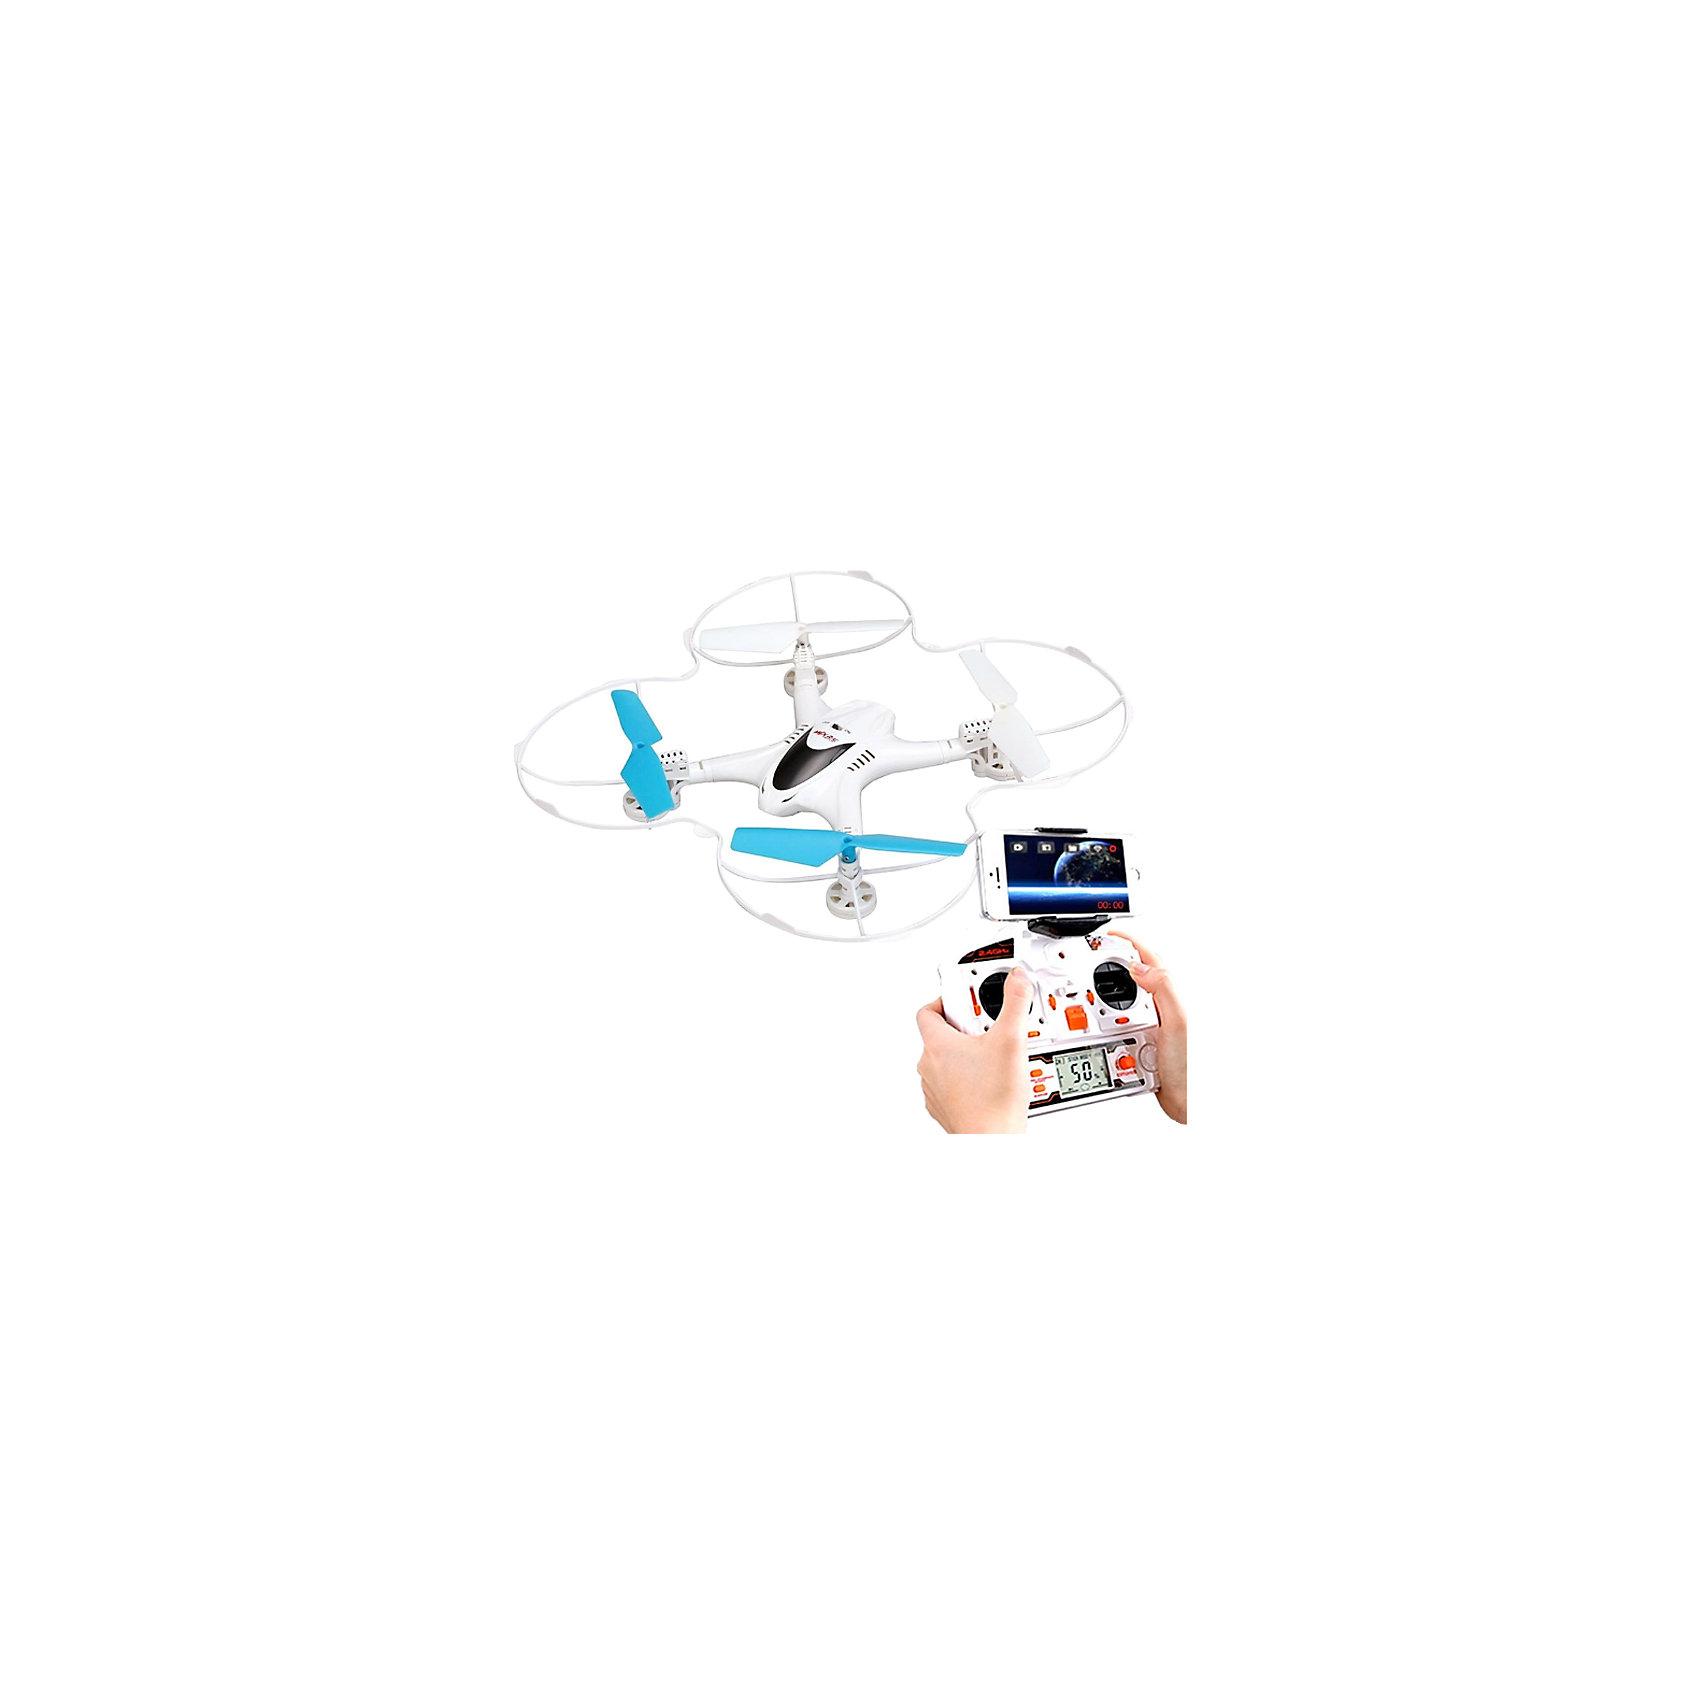 Квадрокоптер X300C с камерой HD, Blue SeaРадиоуправляемый транспорт<br>Квадрокоптер X300C с камерой HD, BlueSea<br><br>Характеристики:<br><br>• В комплекте: квадрокоптер, защитный бампер, пульт управления, аккумулятор и зарядное устройство, запасные лопасти, инструкция и кабель<br>• Скорость: 40км/ч+ <br>• Управление: Автопилот <br>• Режимы полета: 2<br>• Диапазон управления: 150 метров<br>• Время полета: 10 минут<br>• Продолжительность перезарядки: 120 минут с использованием USB порта<br>• Оснащен встроенной камерой HD качества<br>• Размер: 24х24 сантиметра <br>• Вес: 102 грамма<br>• Дополнительно: Гироскоп 6-осевой, LED-подсветка, 3D пилотаж, подсветка<br><br>Эта модель квадрокоптера хорошо подходит для начинающих пилотов благодаря своей функции Fail-Safe – если в процессе полета вы запустите квадрокоптер слишком далеко или не будете знать, как вернуть его обратно, она позволит вам сохранить его в целости. Используя этот квадрокоптер вы сможете наблюдать за его полетом в режиме реального времени, благодаря встроенной FPV-камере, потребуется только устройство, работающее на платформе IOS или Android. <br><br>Так же модель поставляется в комплекте с аппаратурой управления на 2,4 Гц. Возможности этого квардрокоптера позволяют снимать видео в HD-качестве, а так же легко и удобно им управлять, благодаря встроенному 6-осевому гироскопу. Благодаря мощной светодиодной подсветке его удобно использовать даже ночью.<br><br>Квадрокоптер X300C с камерой HD, Blue Sea можно купить в нашем интернет-магазине.<br><br>Ширина мм: 410<br>Глубина мм: 290<br>Высота мм: 80<br>Вес г: 810<br>Возраст от месяцев: 96<br>Возраст до месяцев: 2147483647<br>Пол: Унисекс<br>Возраст: Детский<br>SKU: 5430825